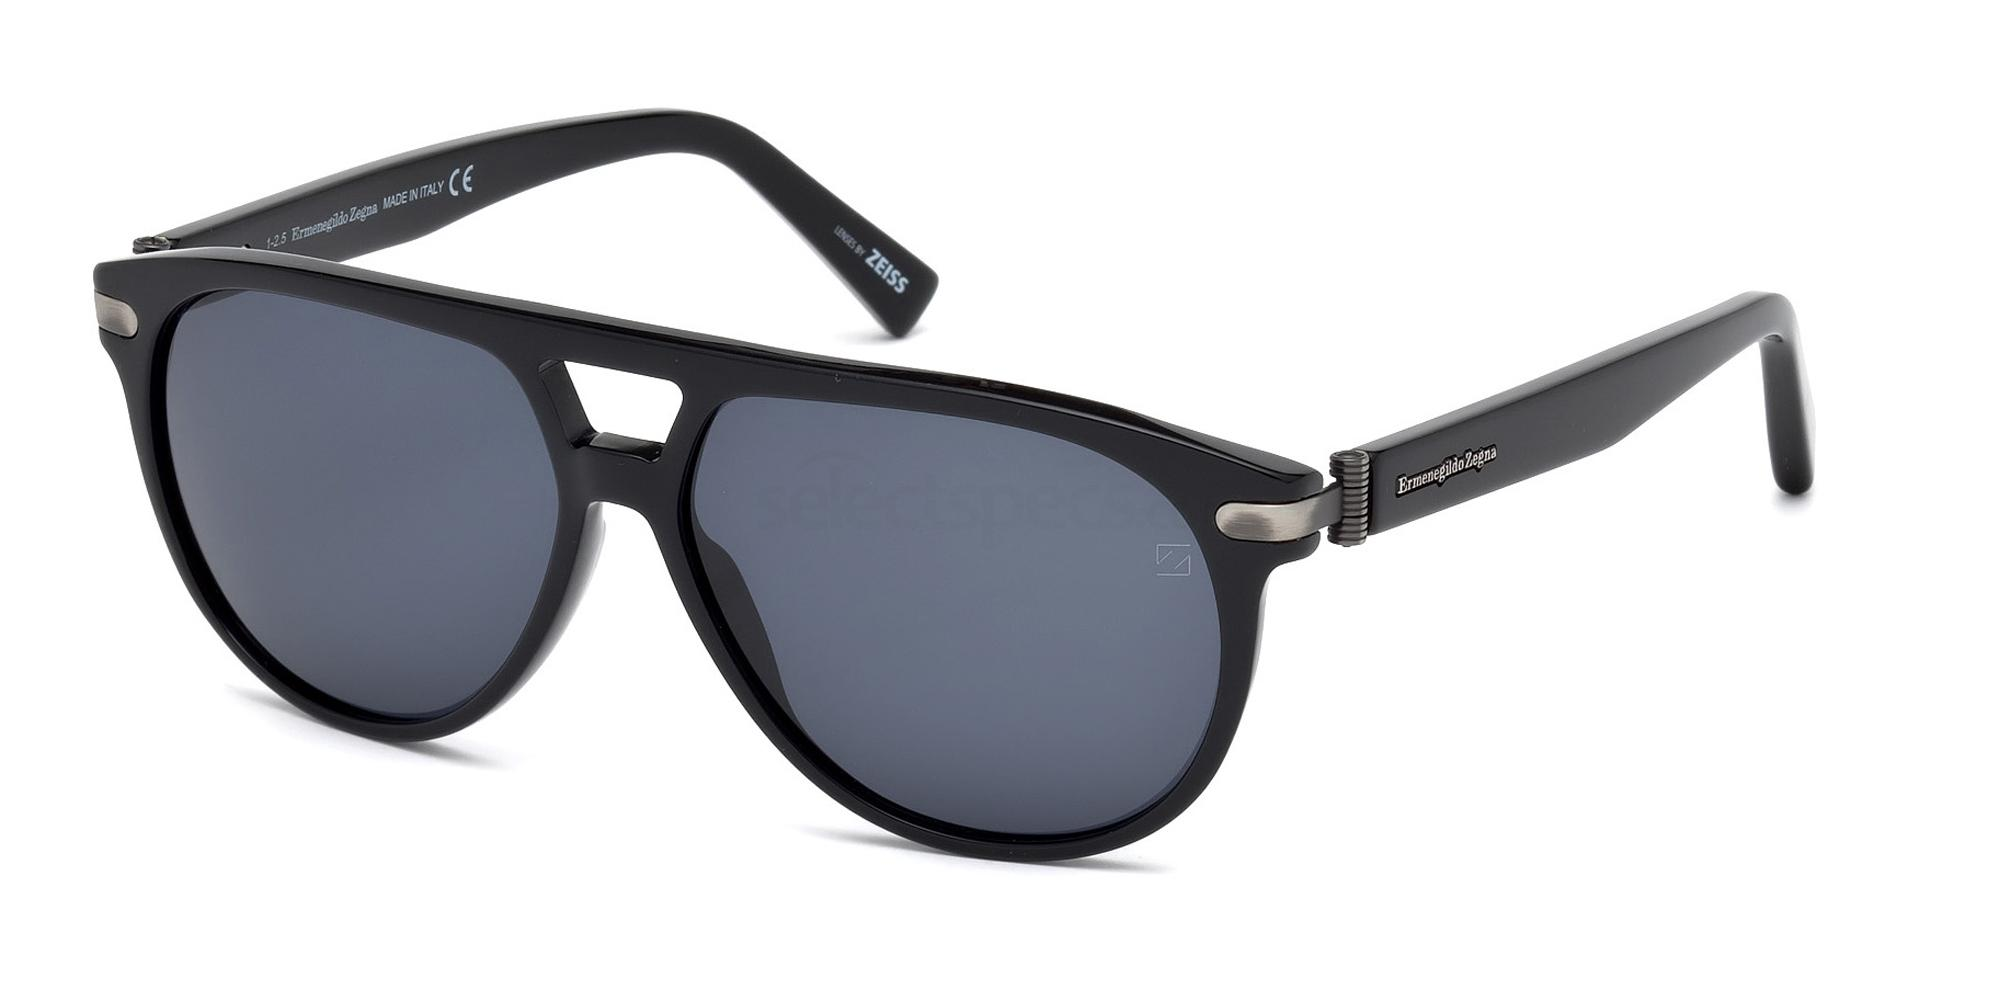 01V EZ0043 Sunglasses, Ermenegildo Zegna